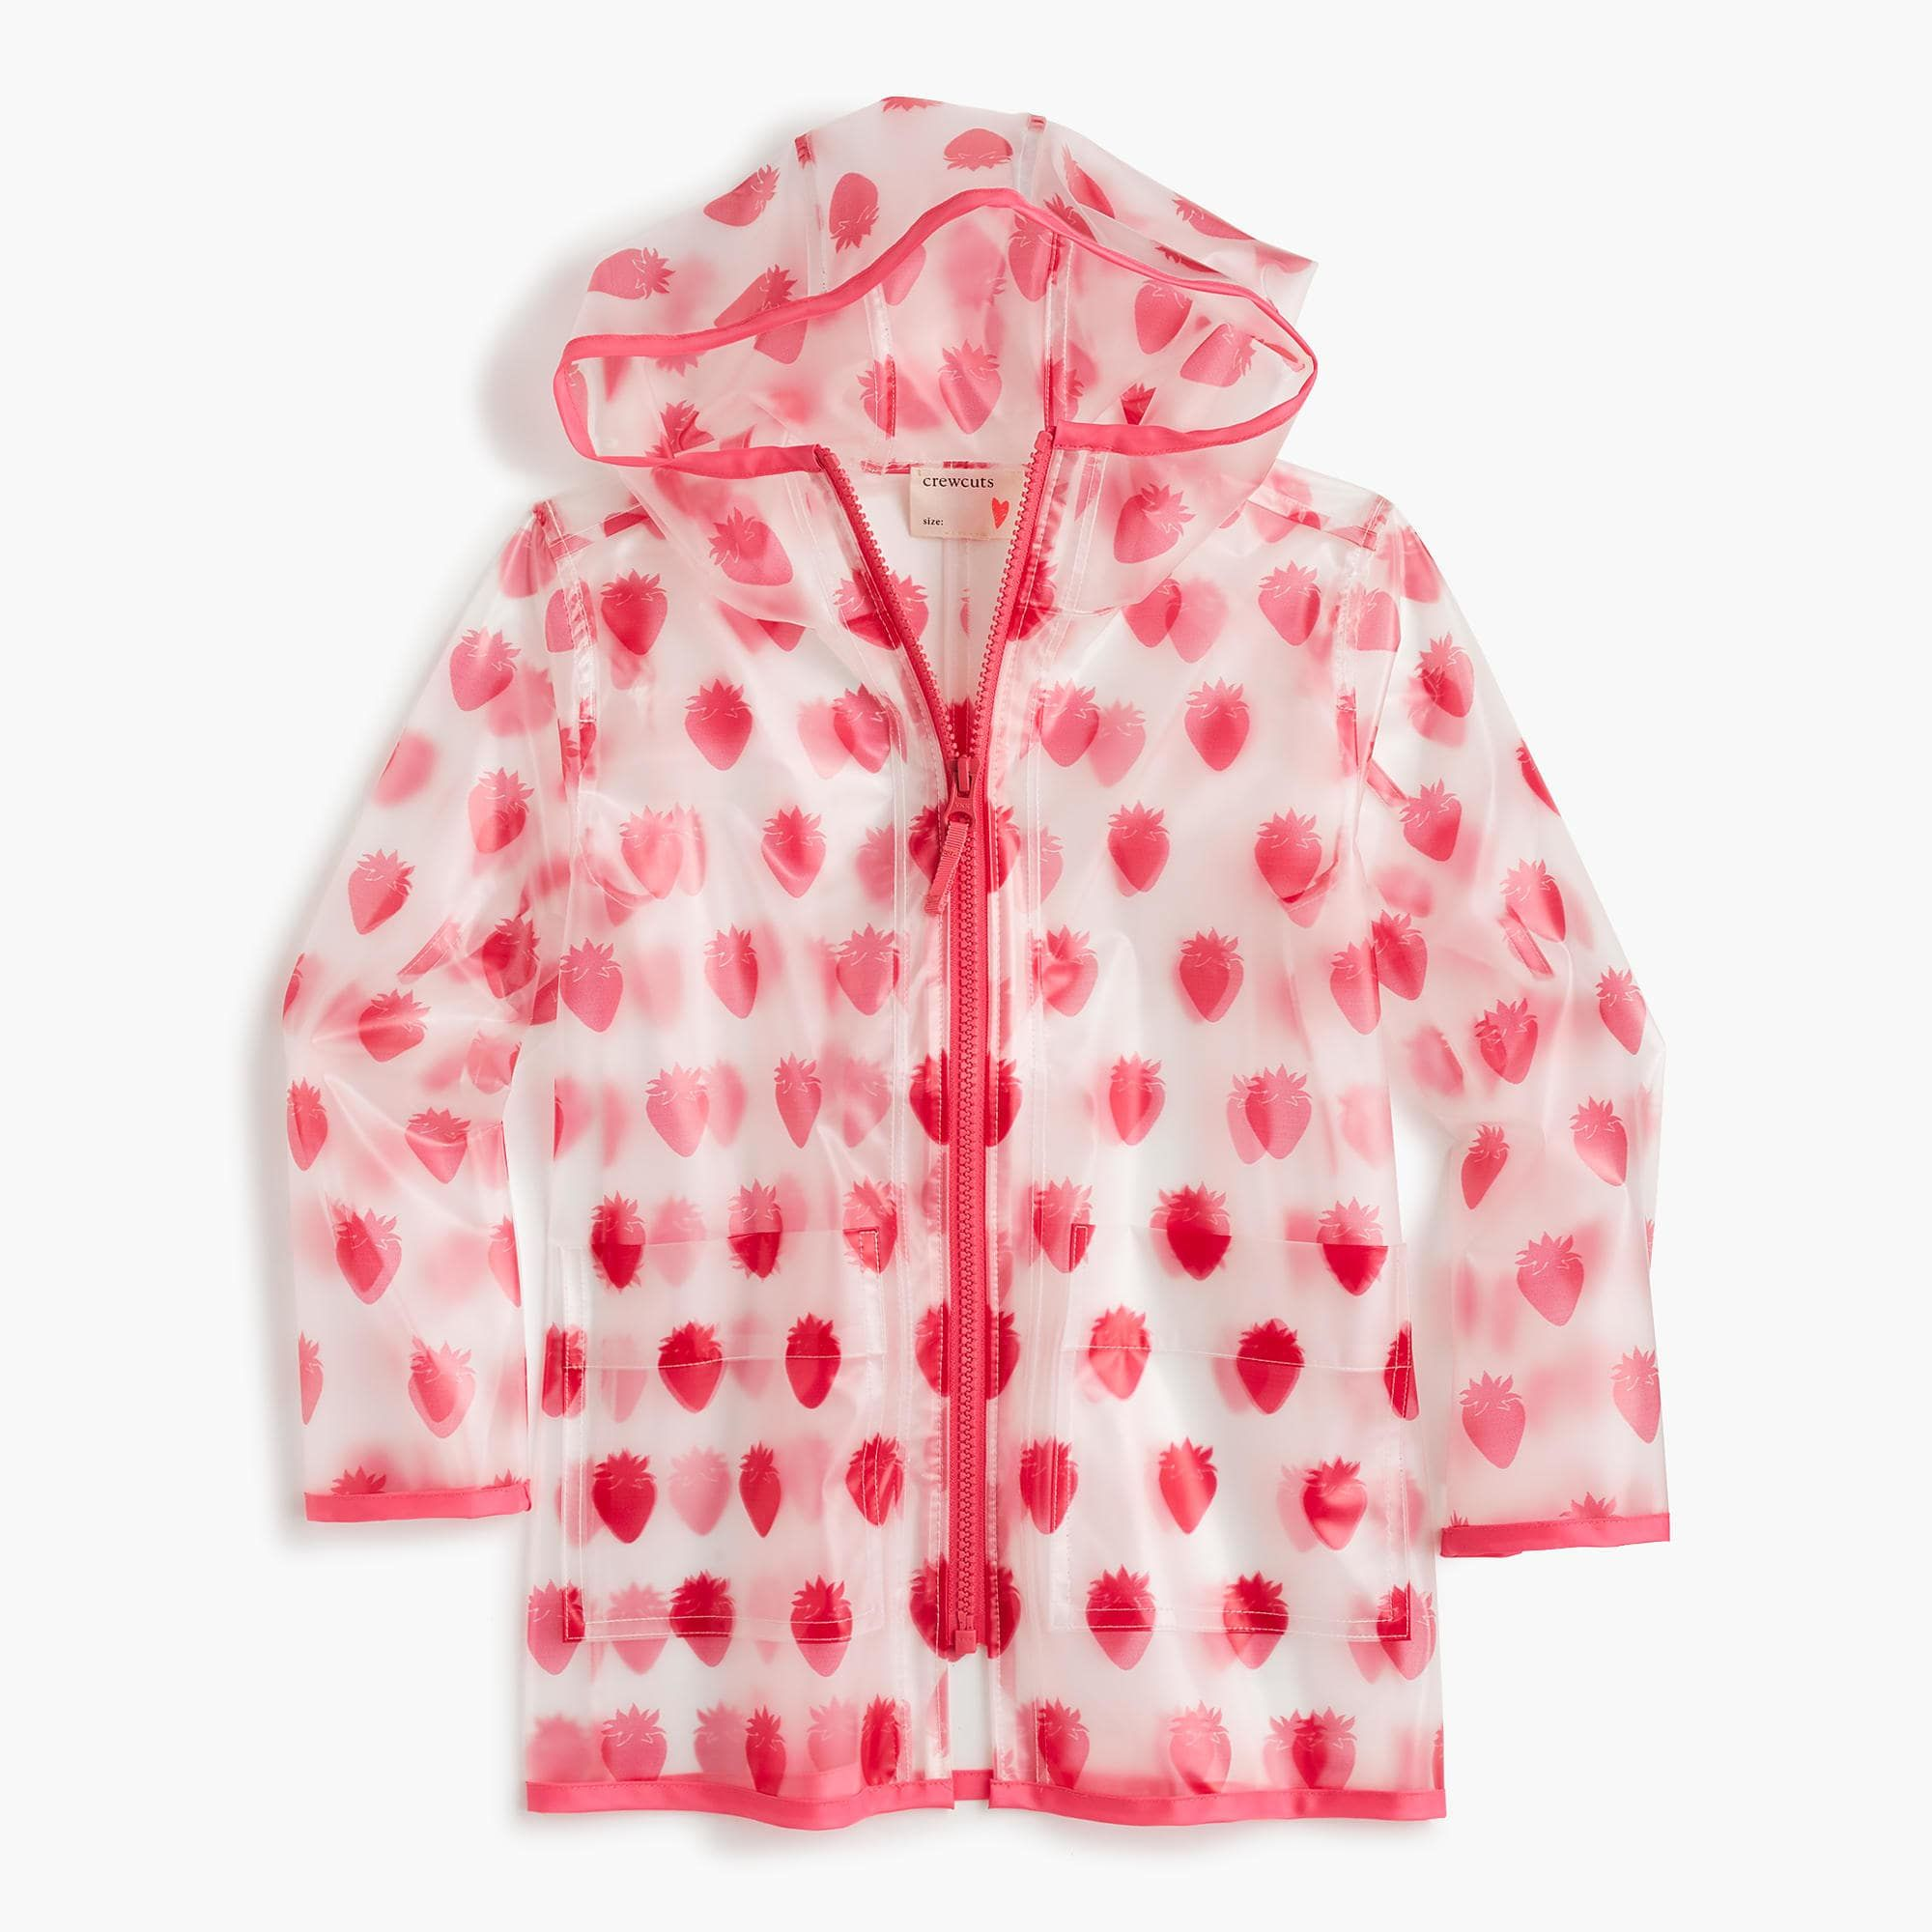 69fcd0d34f35 J.Crew - Kids  rain jacket in coral print